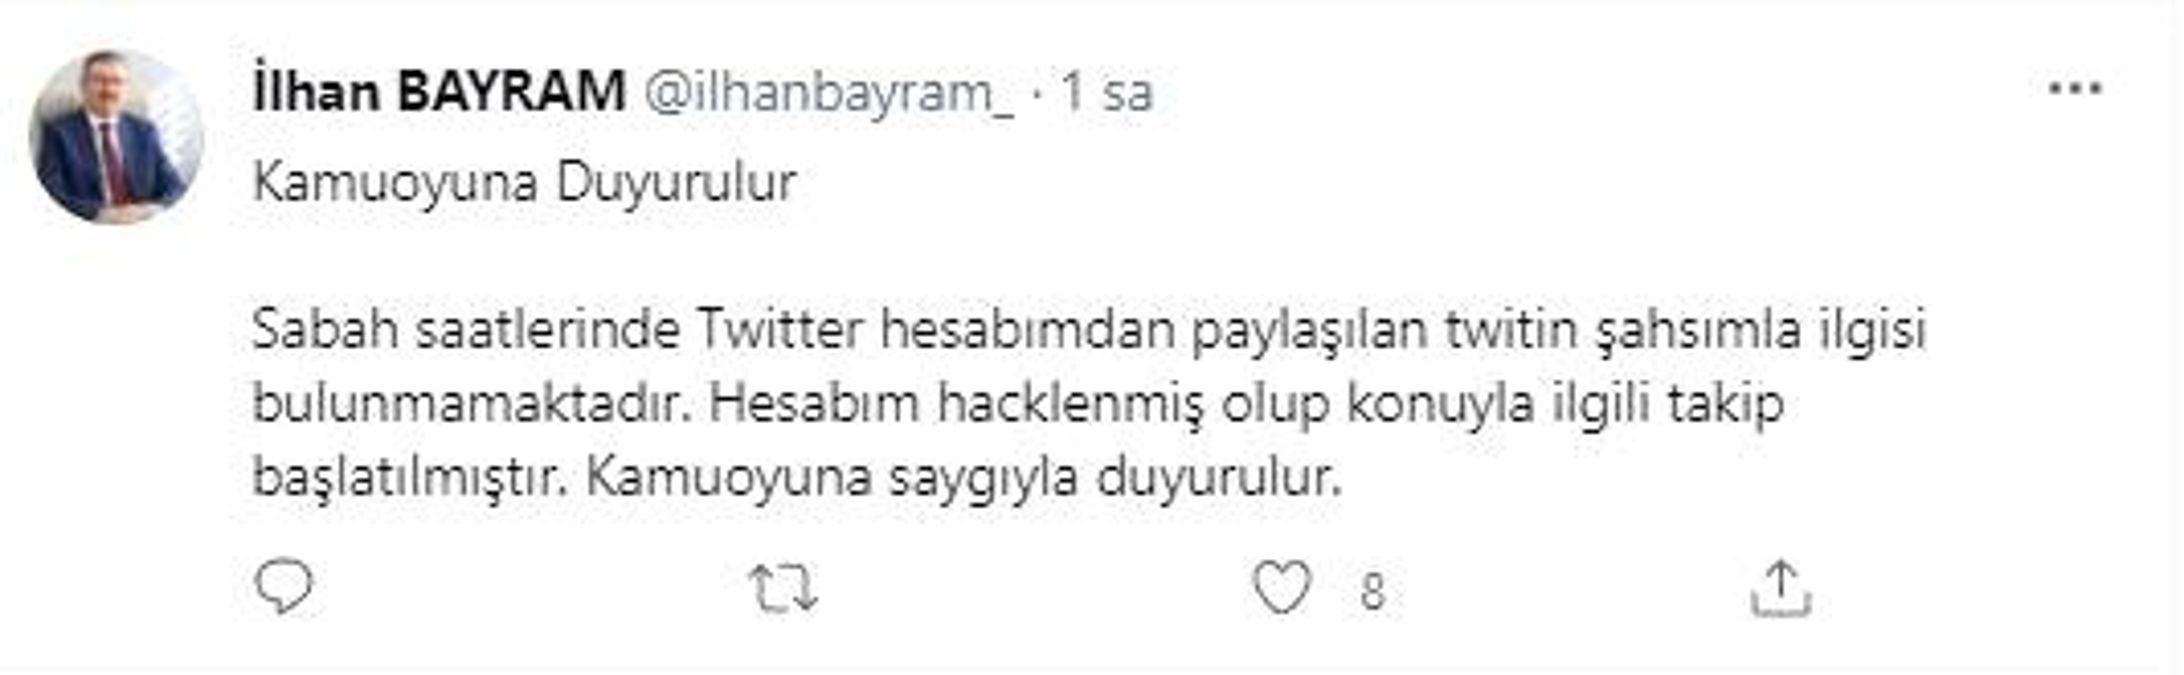 Genel Sekreter Bayram'ın sosyal medya hesabına saldırı